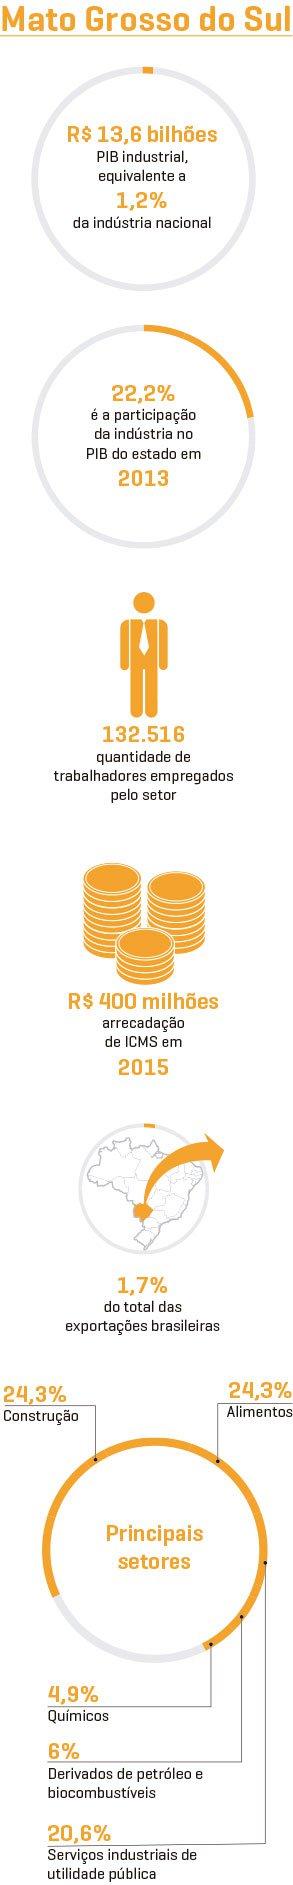 Info_mato_grosso_sul_mobile